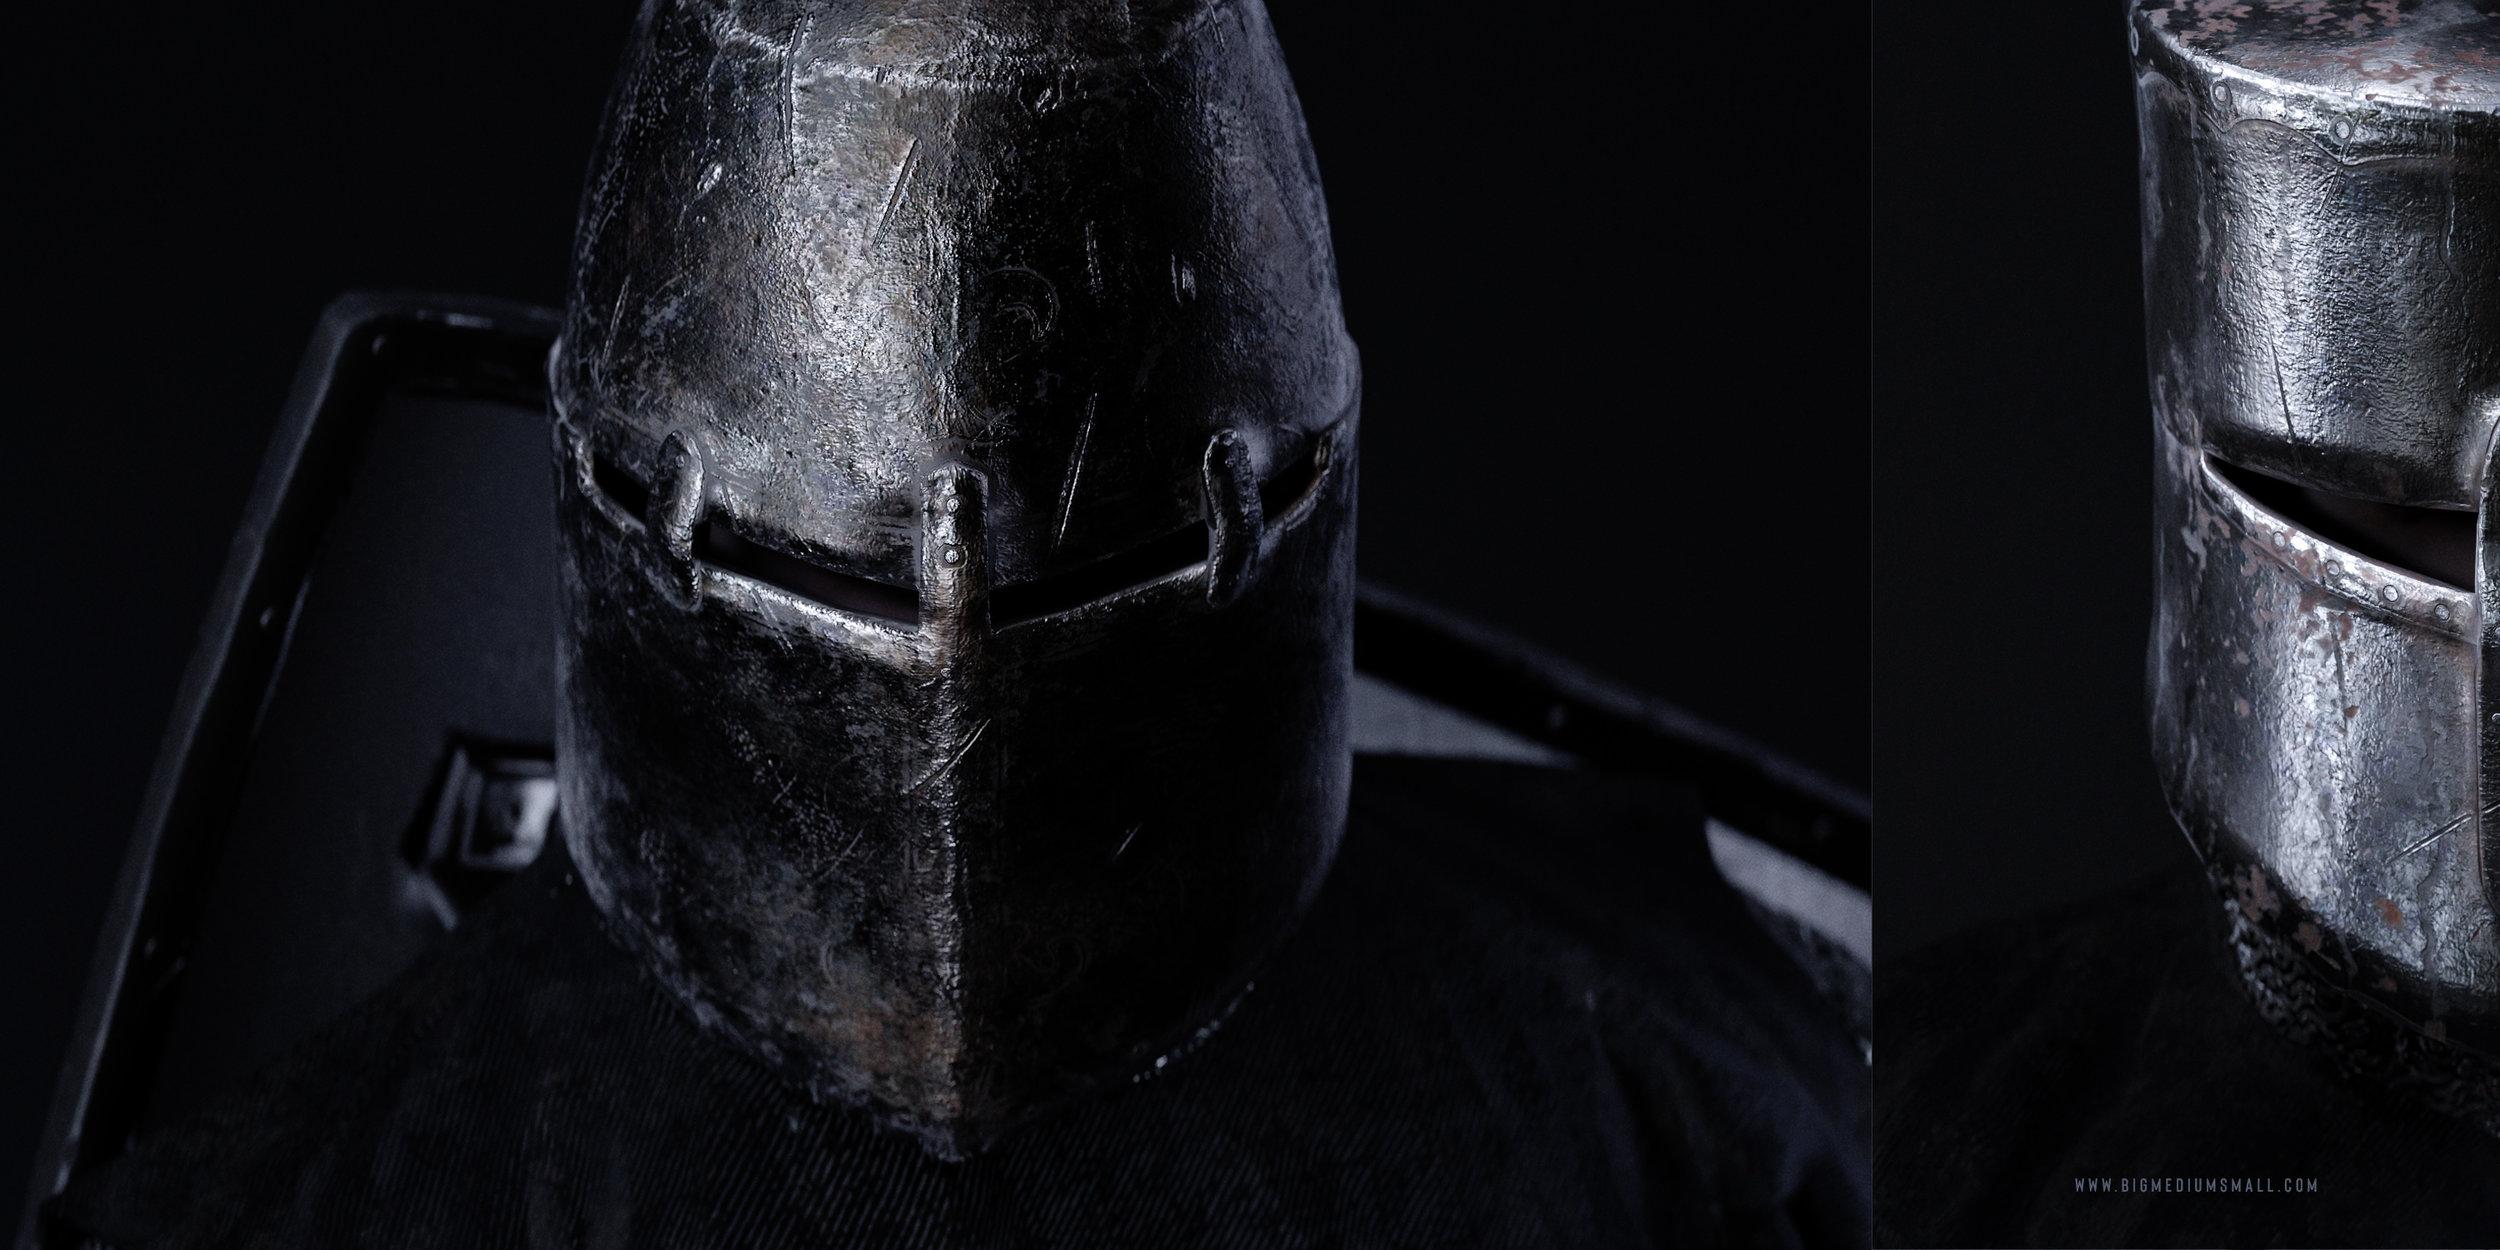 helmets_1.jpg